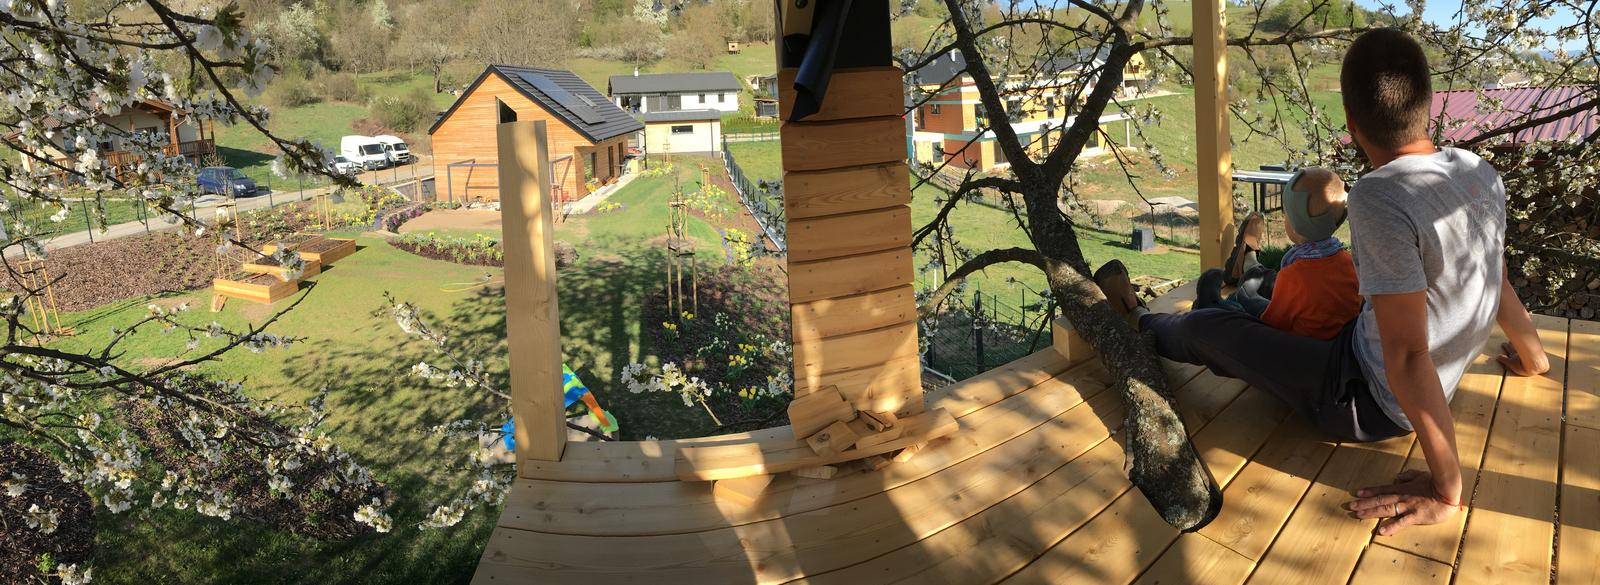 Záhrada v starom sade - a domček stále nie je dokončený, ale sedí sa v ňom dobre :)